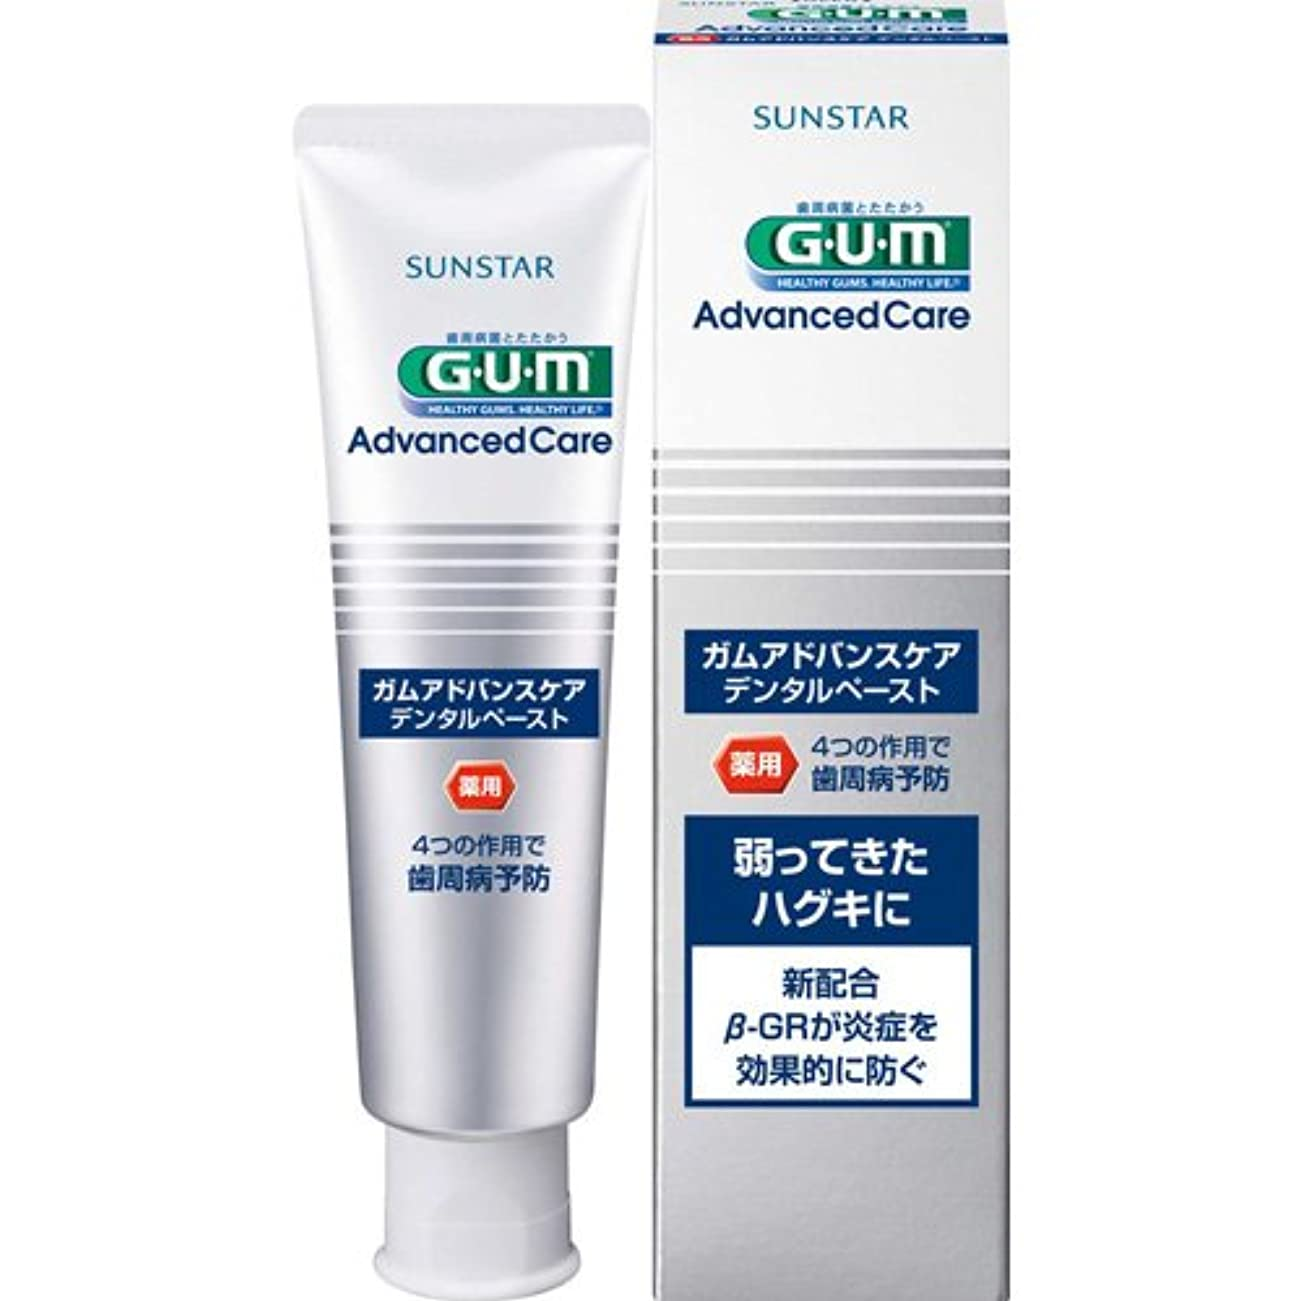 セレナあなたのもの異なるGUM(ガム)アドバンスケア デンタルペースト 90g (医薬部外品)